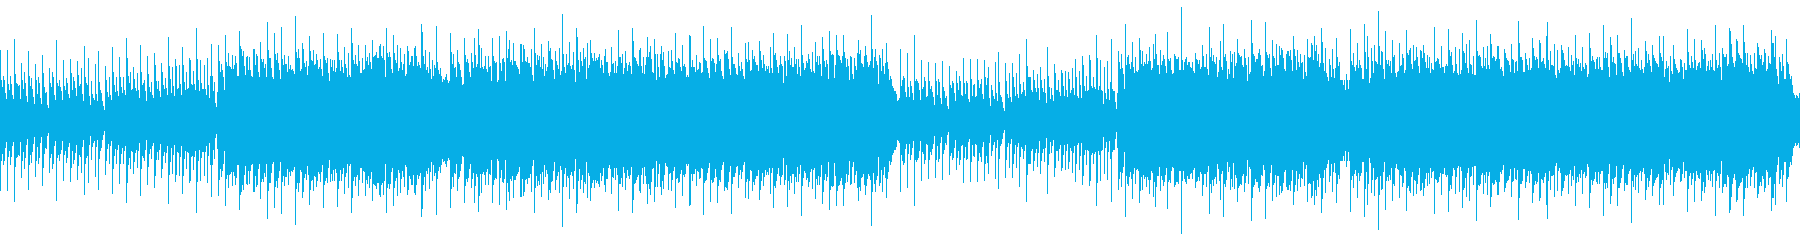 癒しヒーリングミュージック(ループ)の再生済みの波形